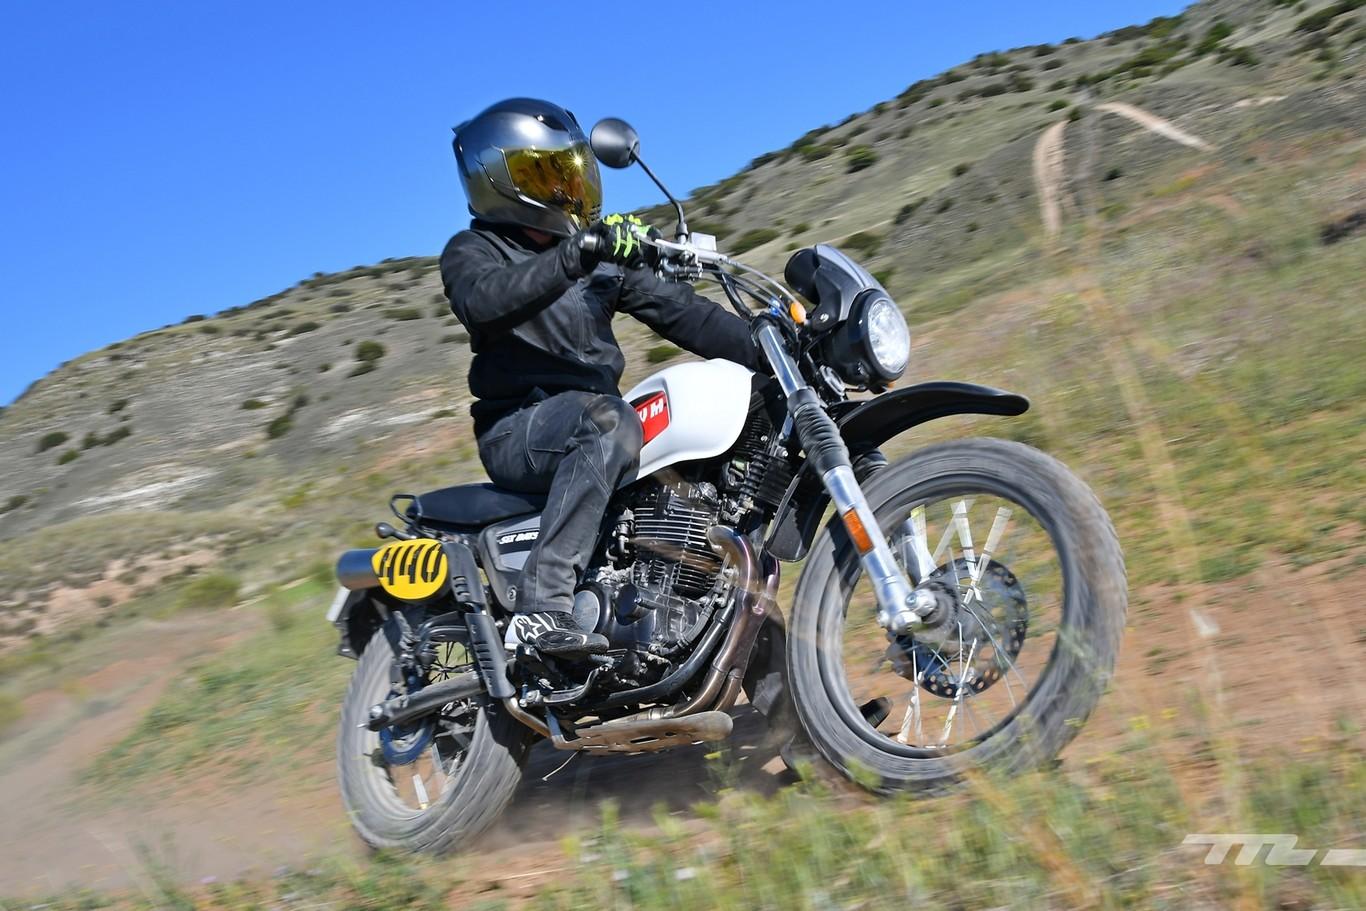 Probamos la SWM Six Days 440: una moto trail pura para el carnet A2, sencilla y asequible